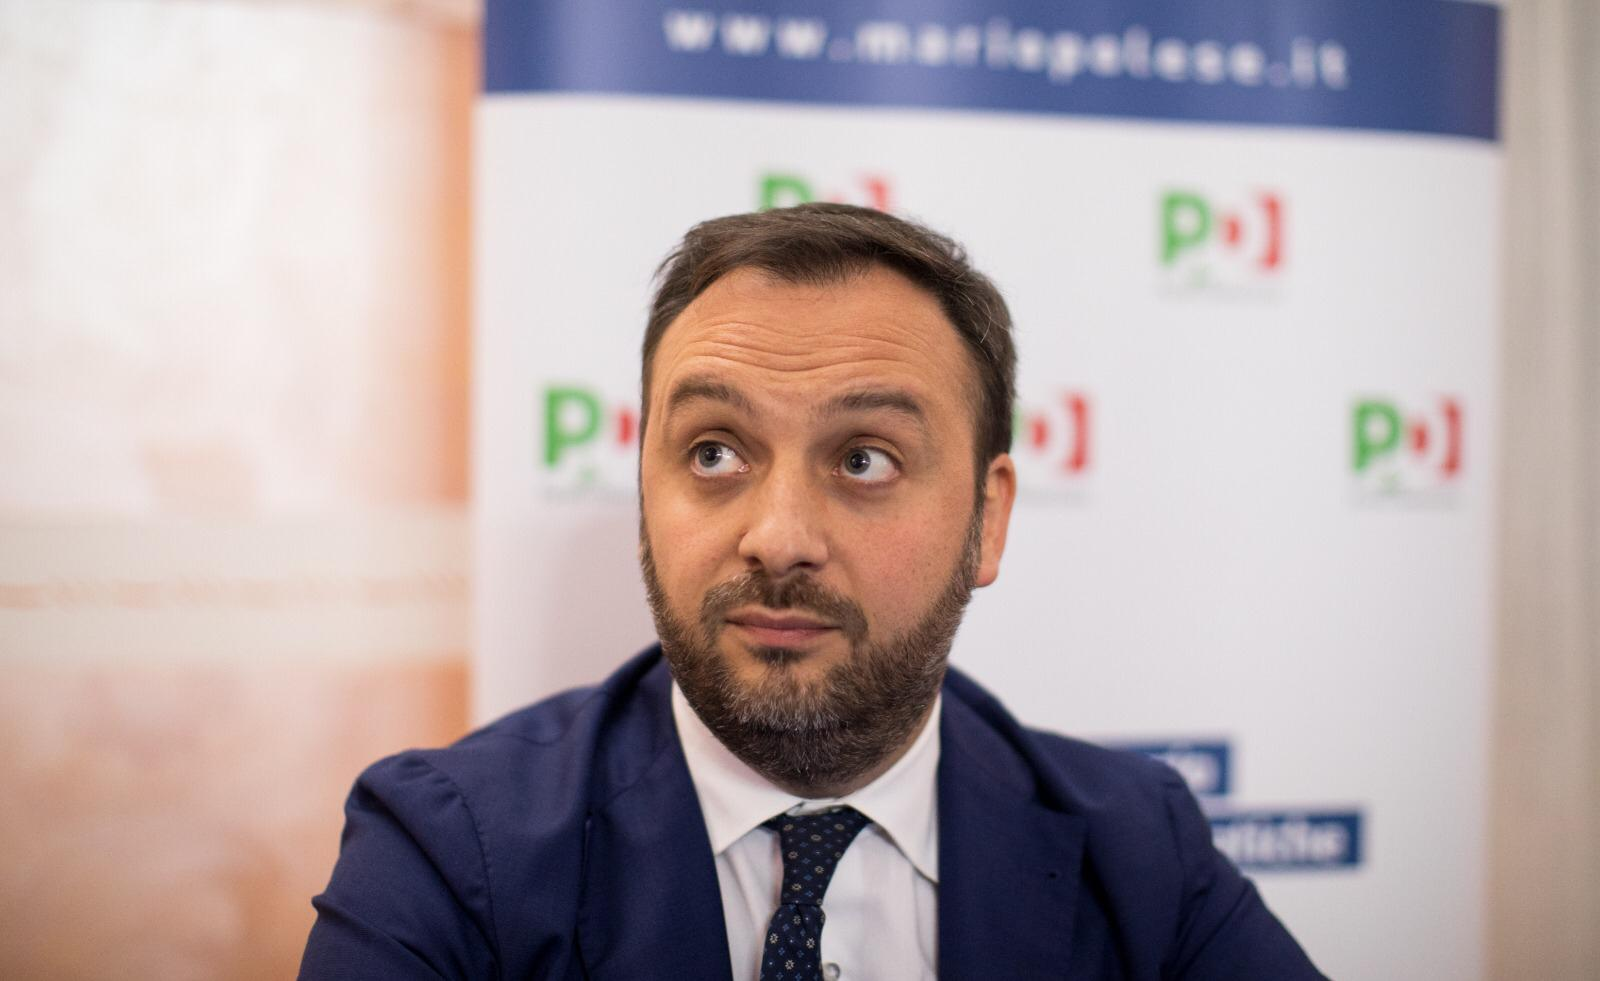 La sferzata di Polese: «Basta coi cavilli per restare in sella»L'ex segretario rivendica le dimissioni dopo le sconfitte